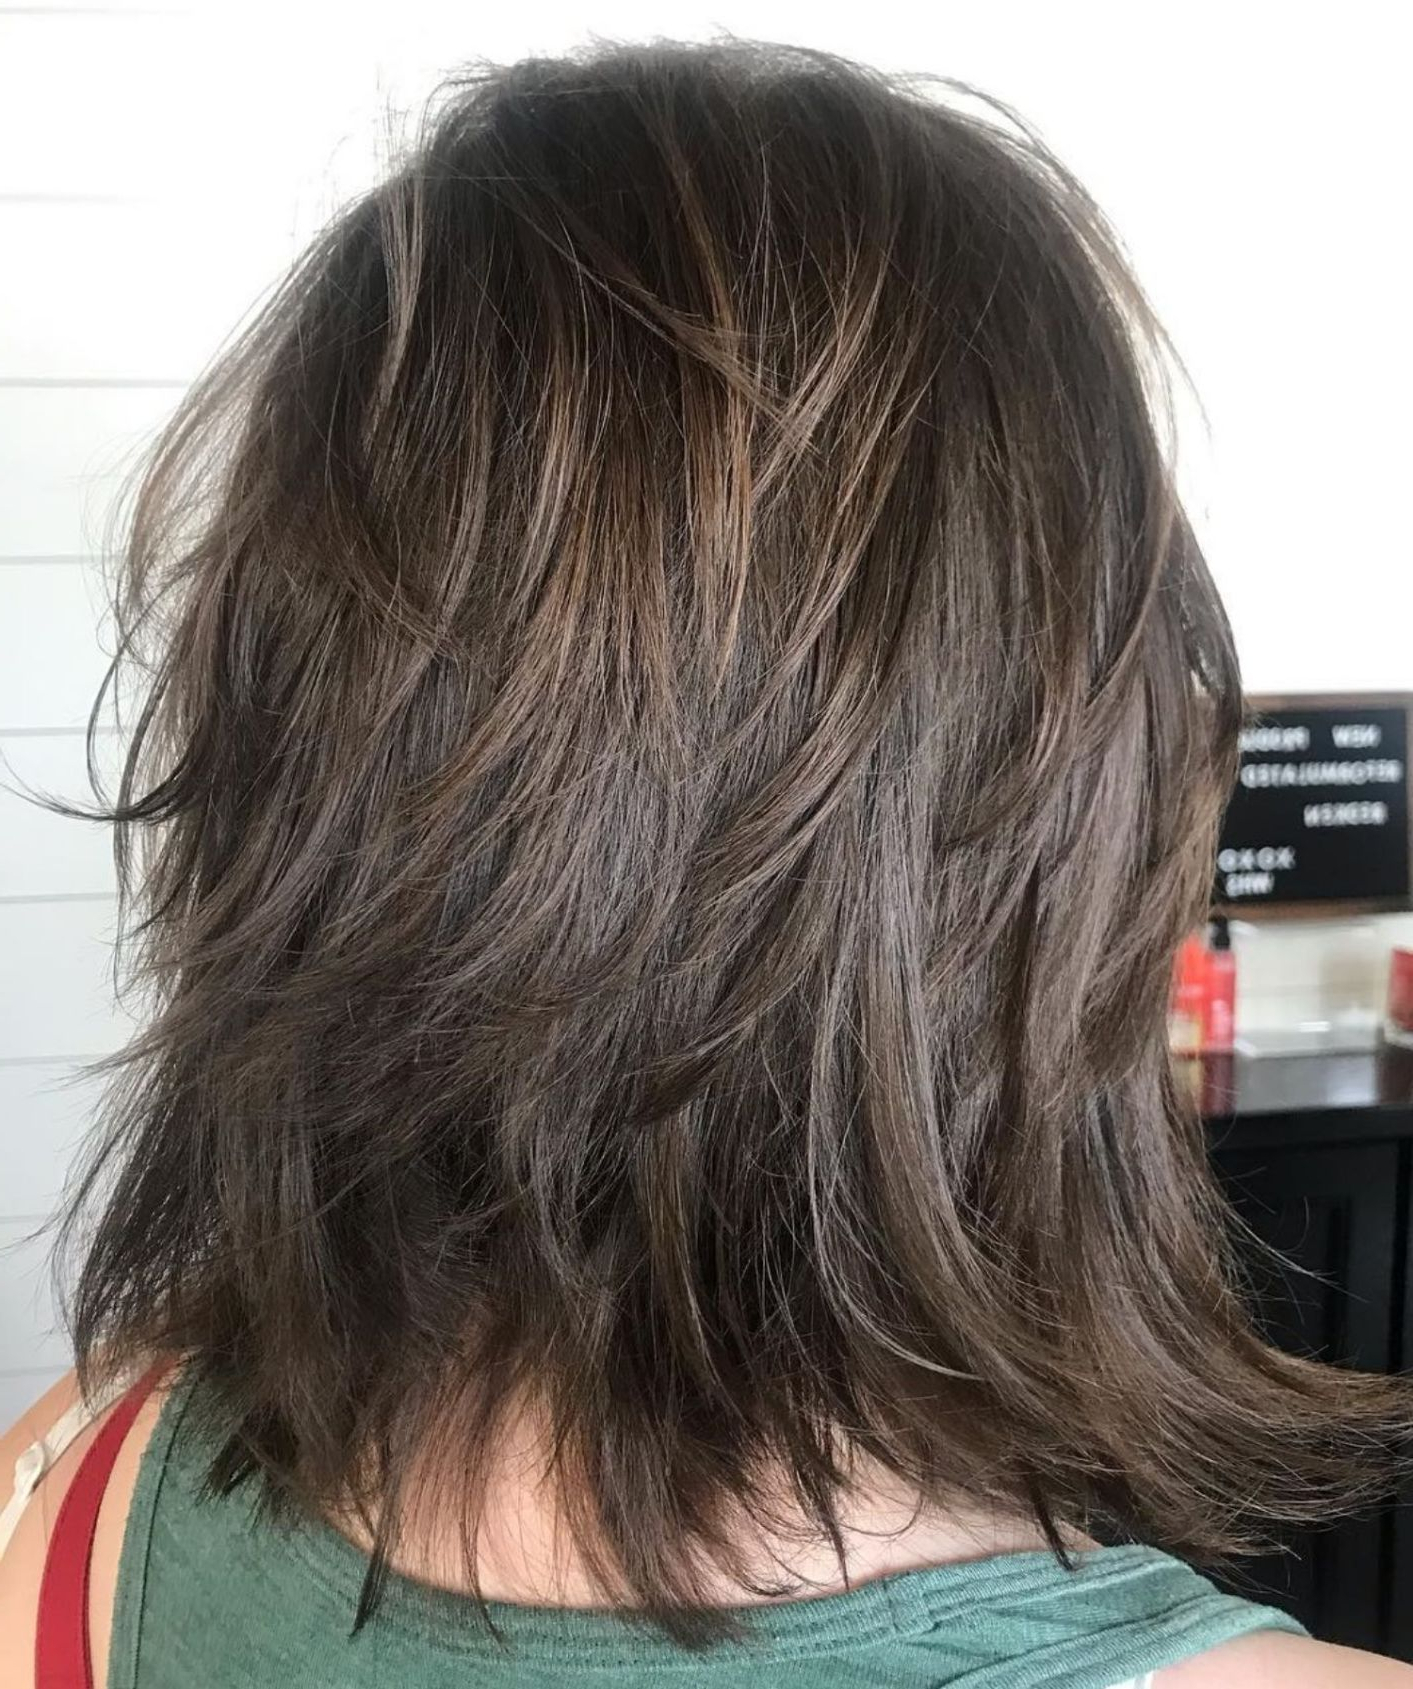 Modern Shag Haircut (View 1 of 20)